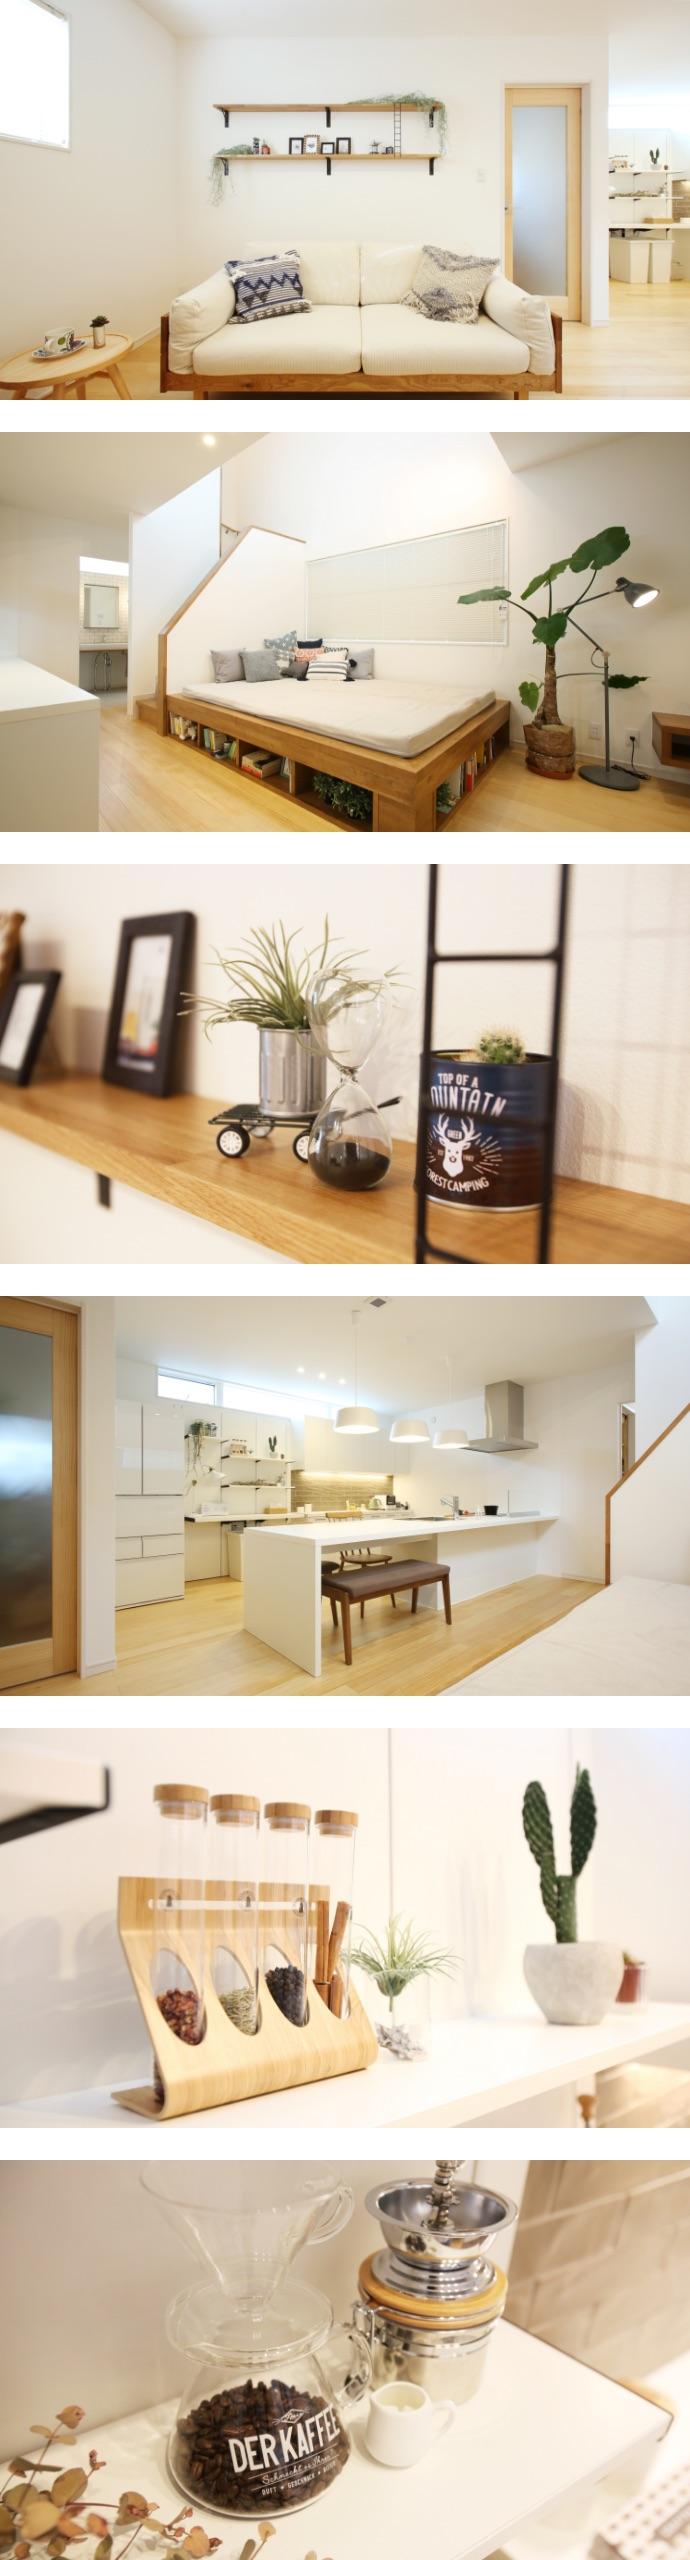 延床面積:30坪以内 1階の床面積55㎡以内 間取り4LDK以内